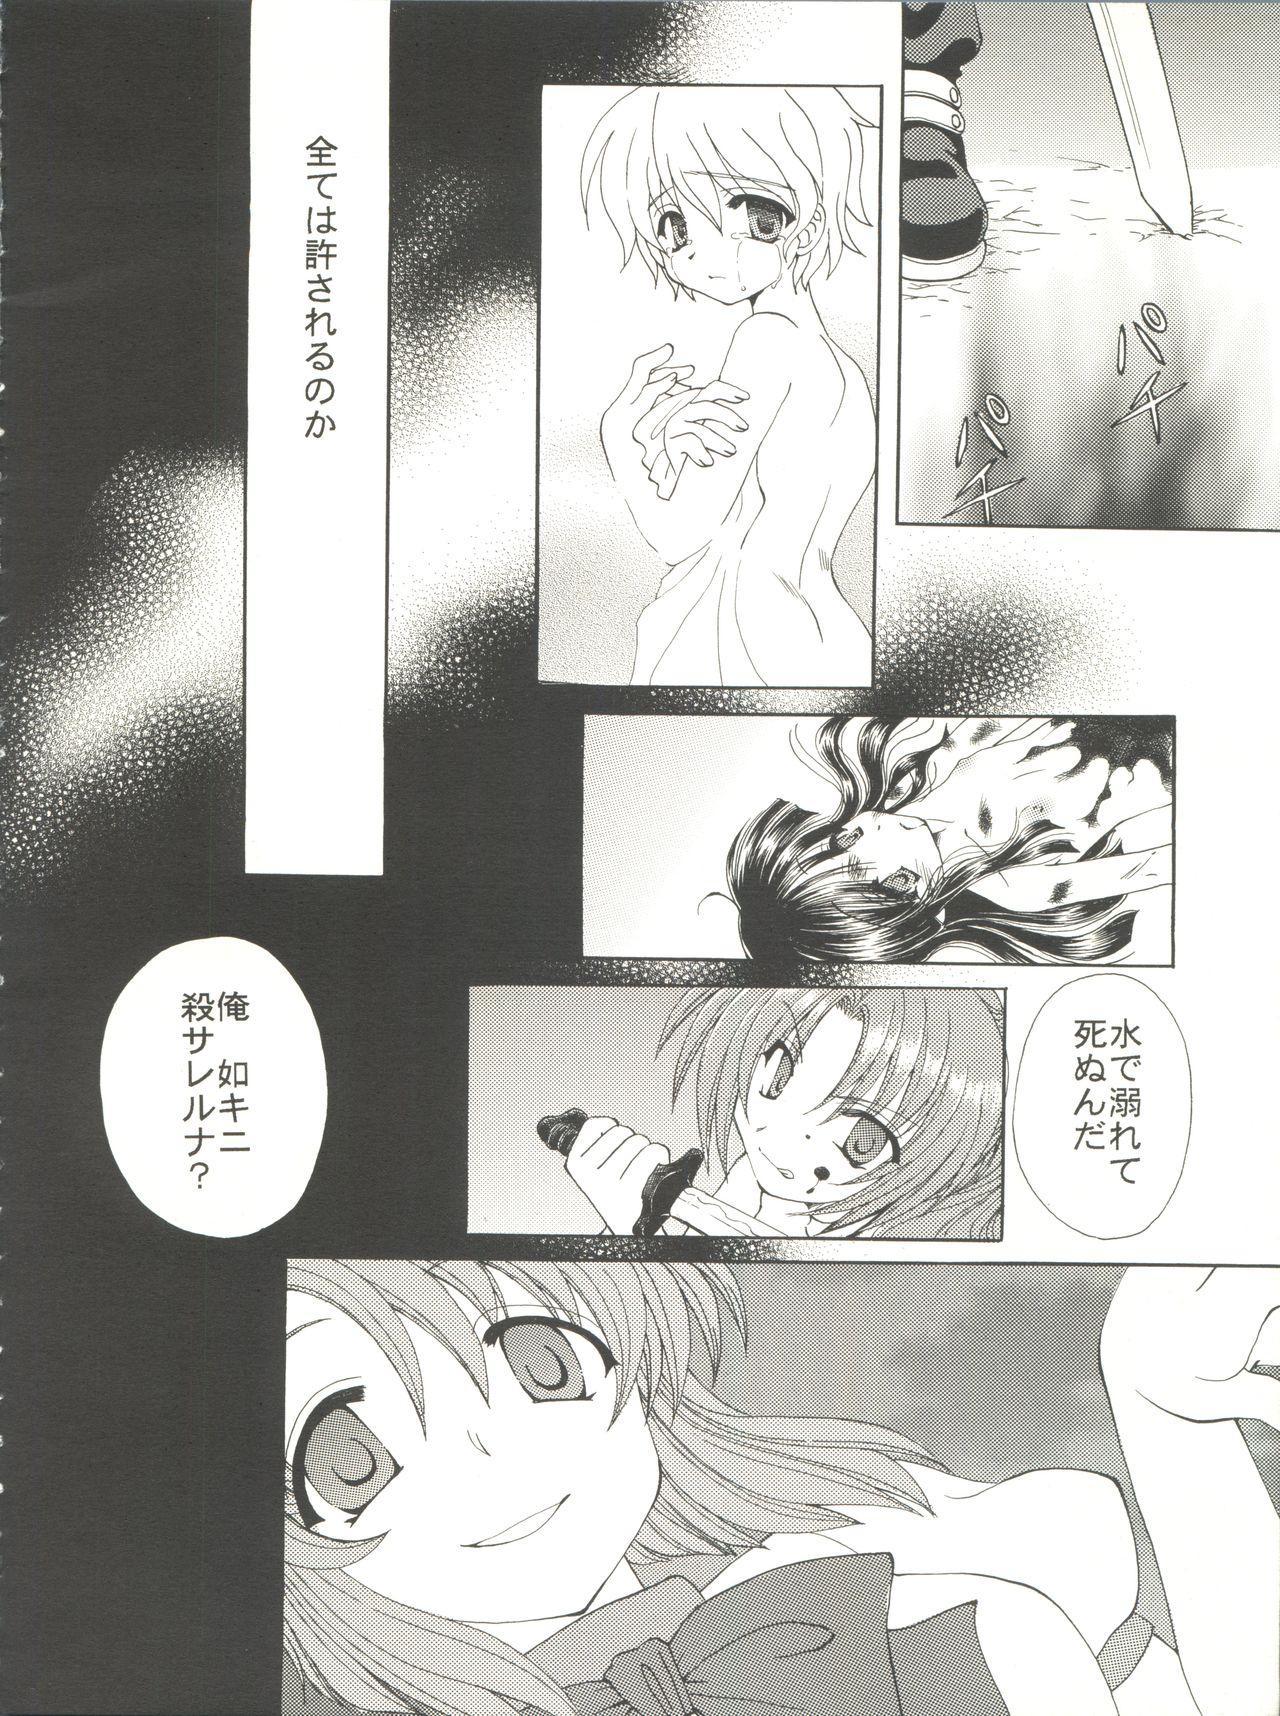 Higurashi no Naku ya ni 19